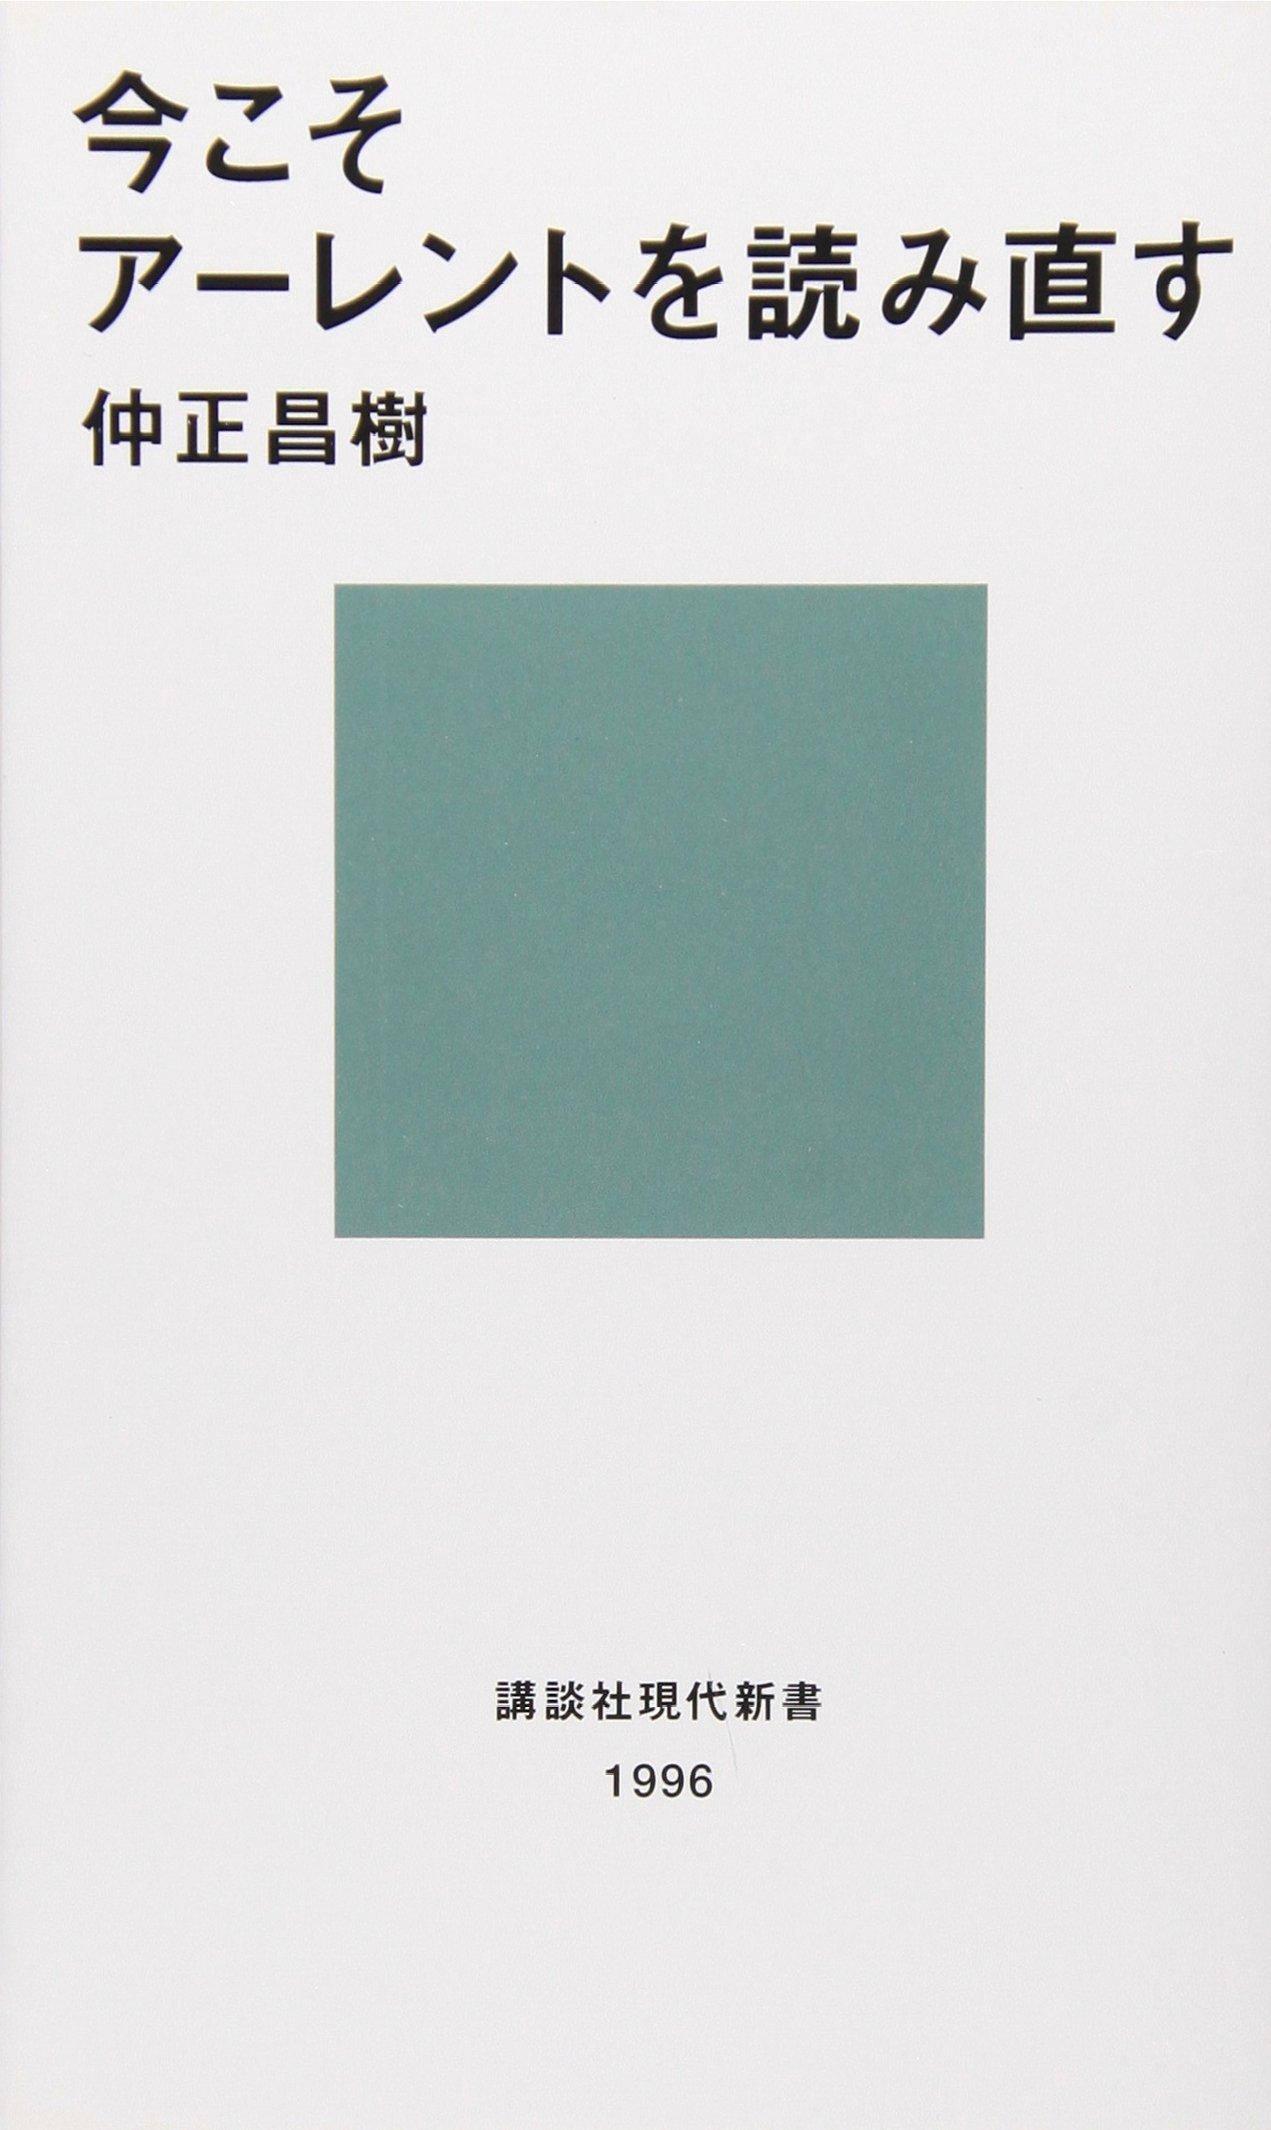 仲正昌樹(2009)『今こそアーレントを読み直す』講談社現代新書